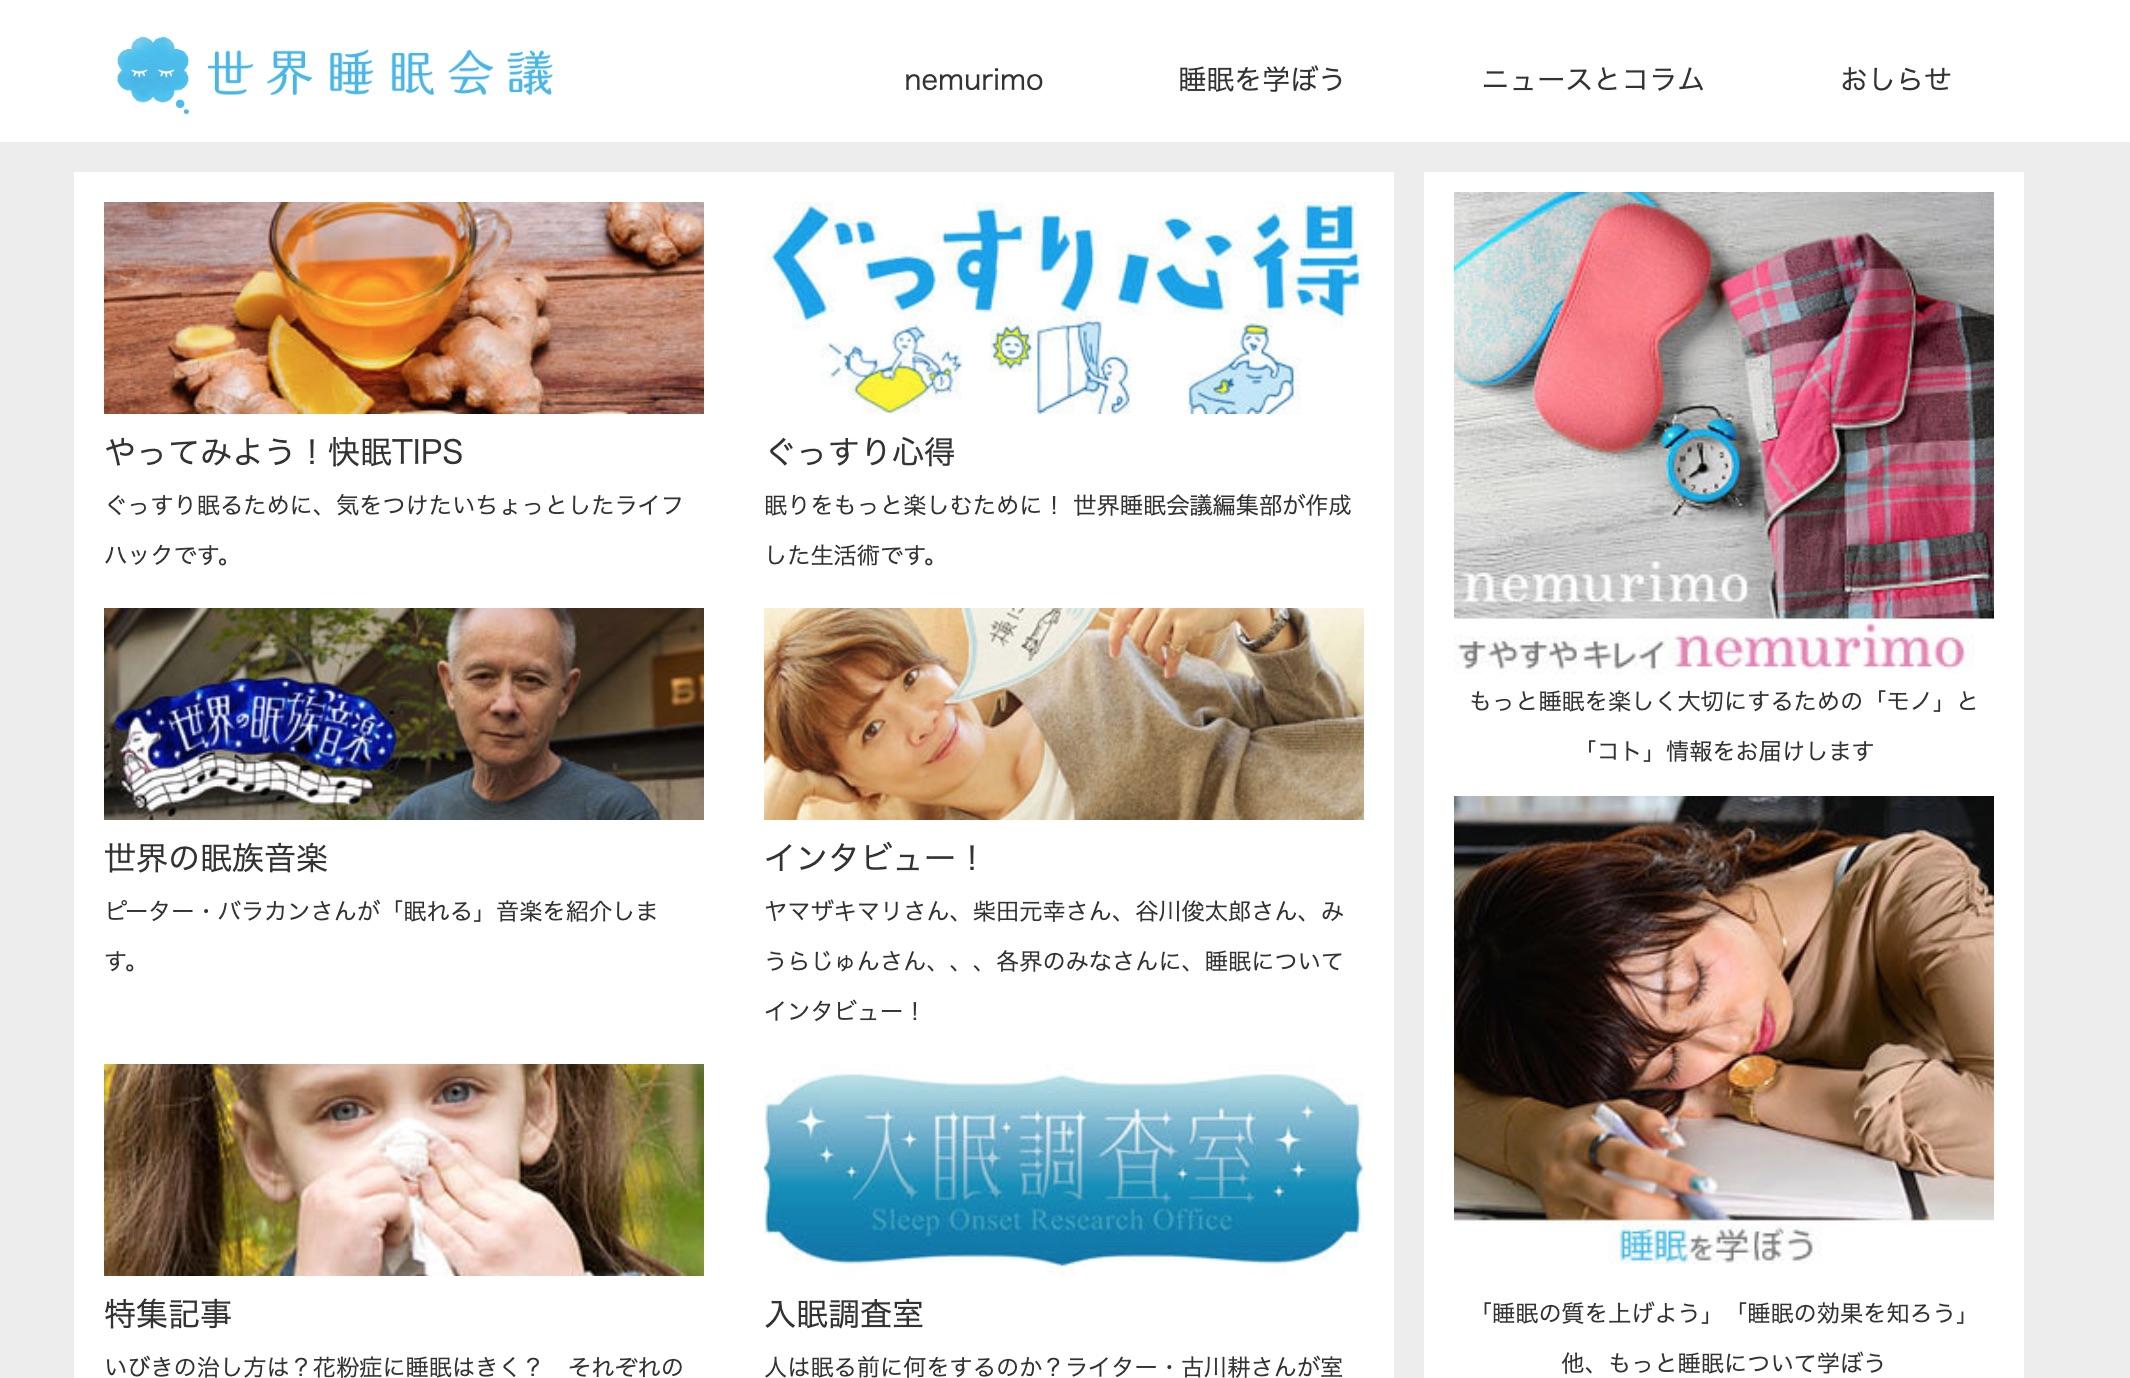 世界睡眠会議のWebサイトのスクリーンショット